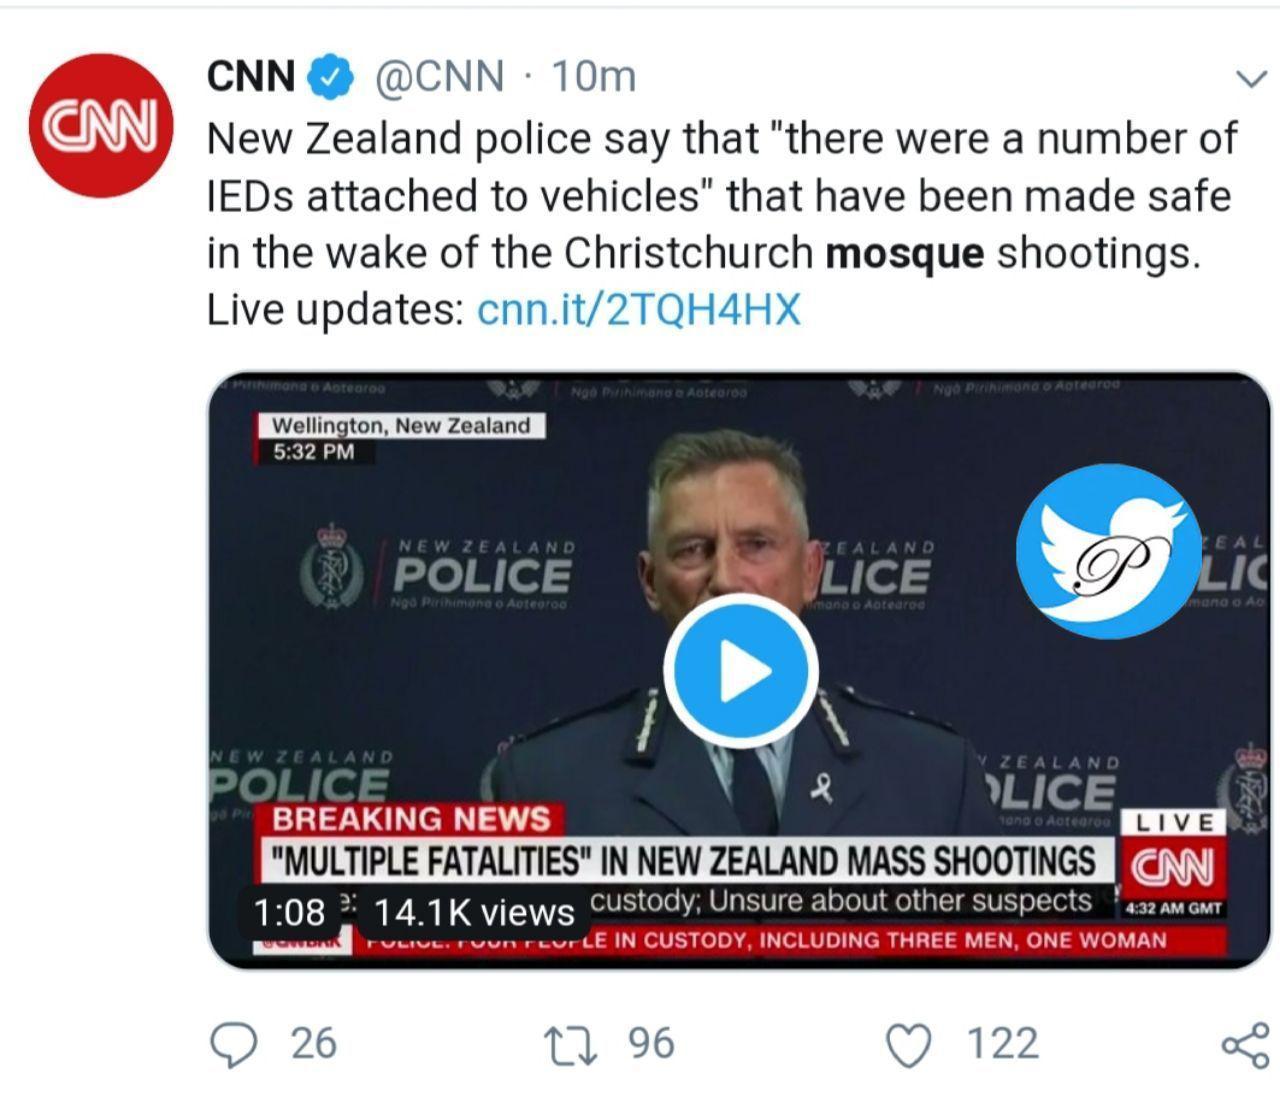 پلیس نیوزیلند اعلام کرد چندین ماده منفجره درون خودروی مهاجمین بیرون از مسجد را خنثی کرده است.